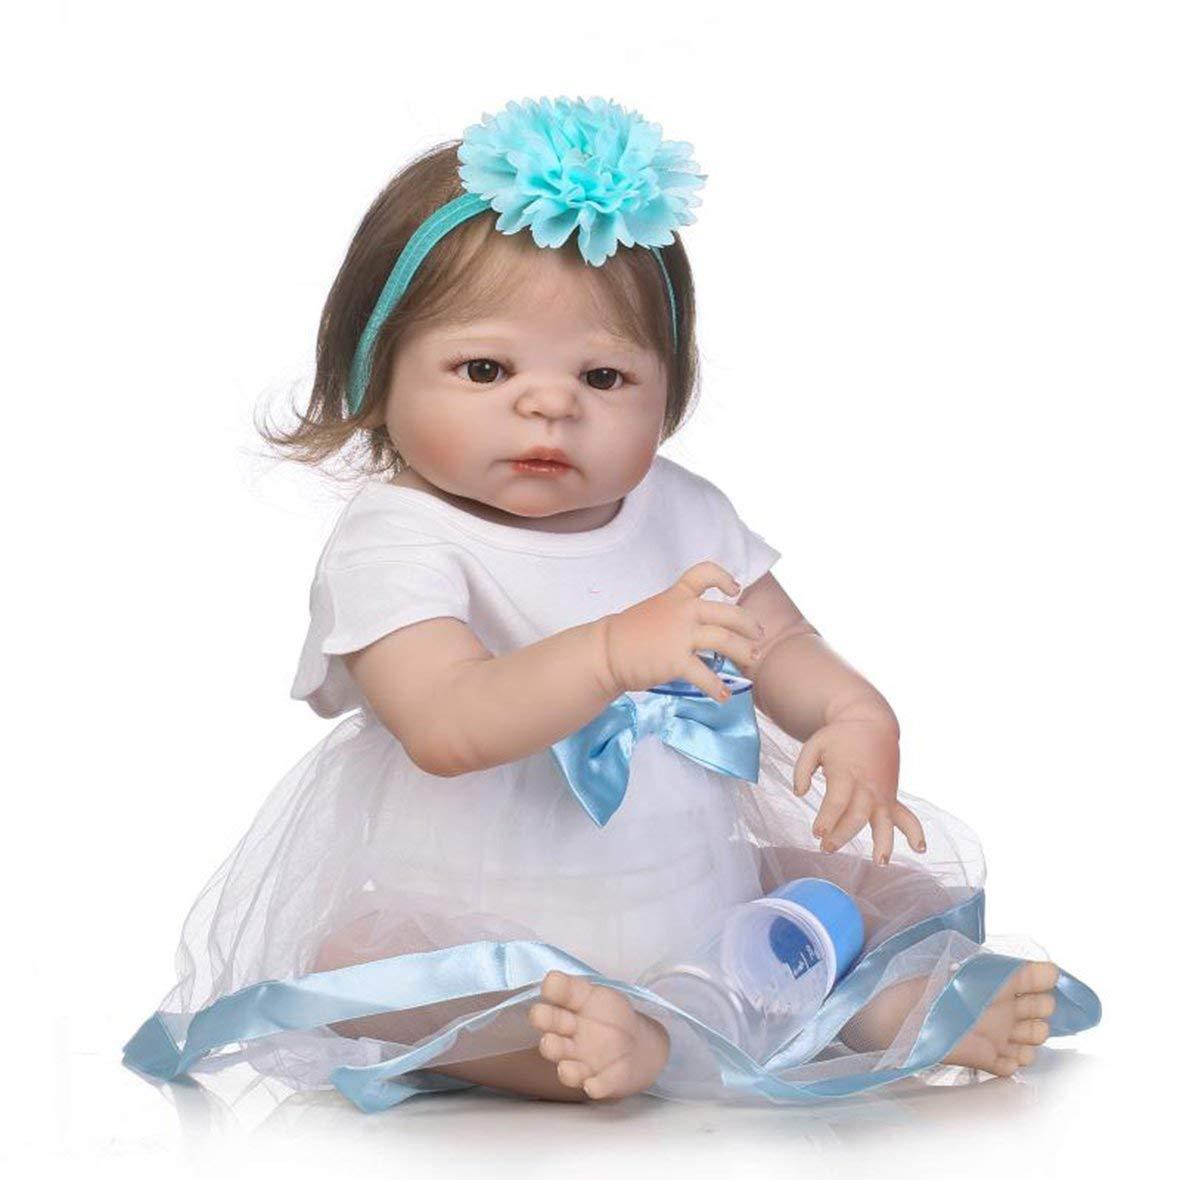 Moreaulun 22 pulgadas recién nacido muñeca de bebé niños jugar juguetes suave silicona vinilo muñeca de bebé